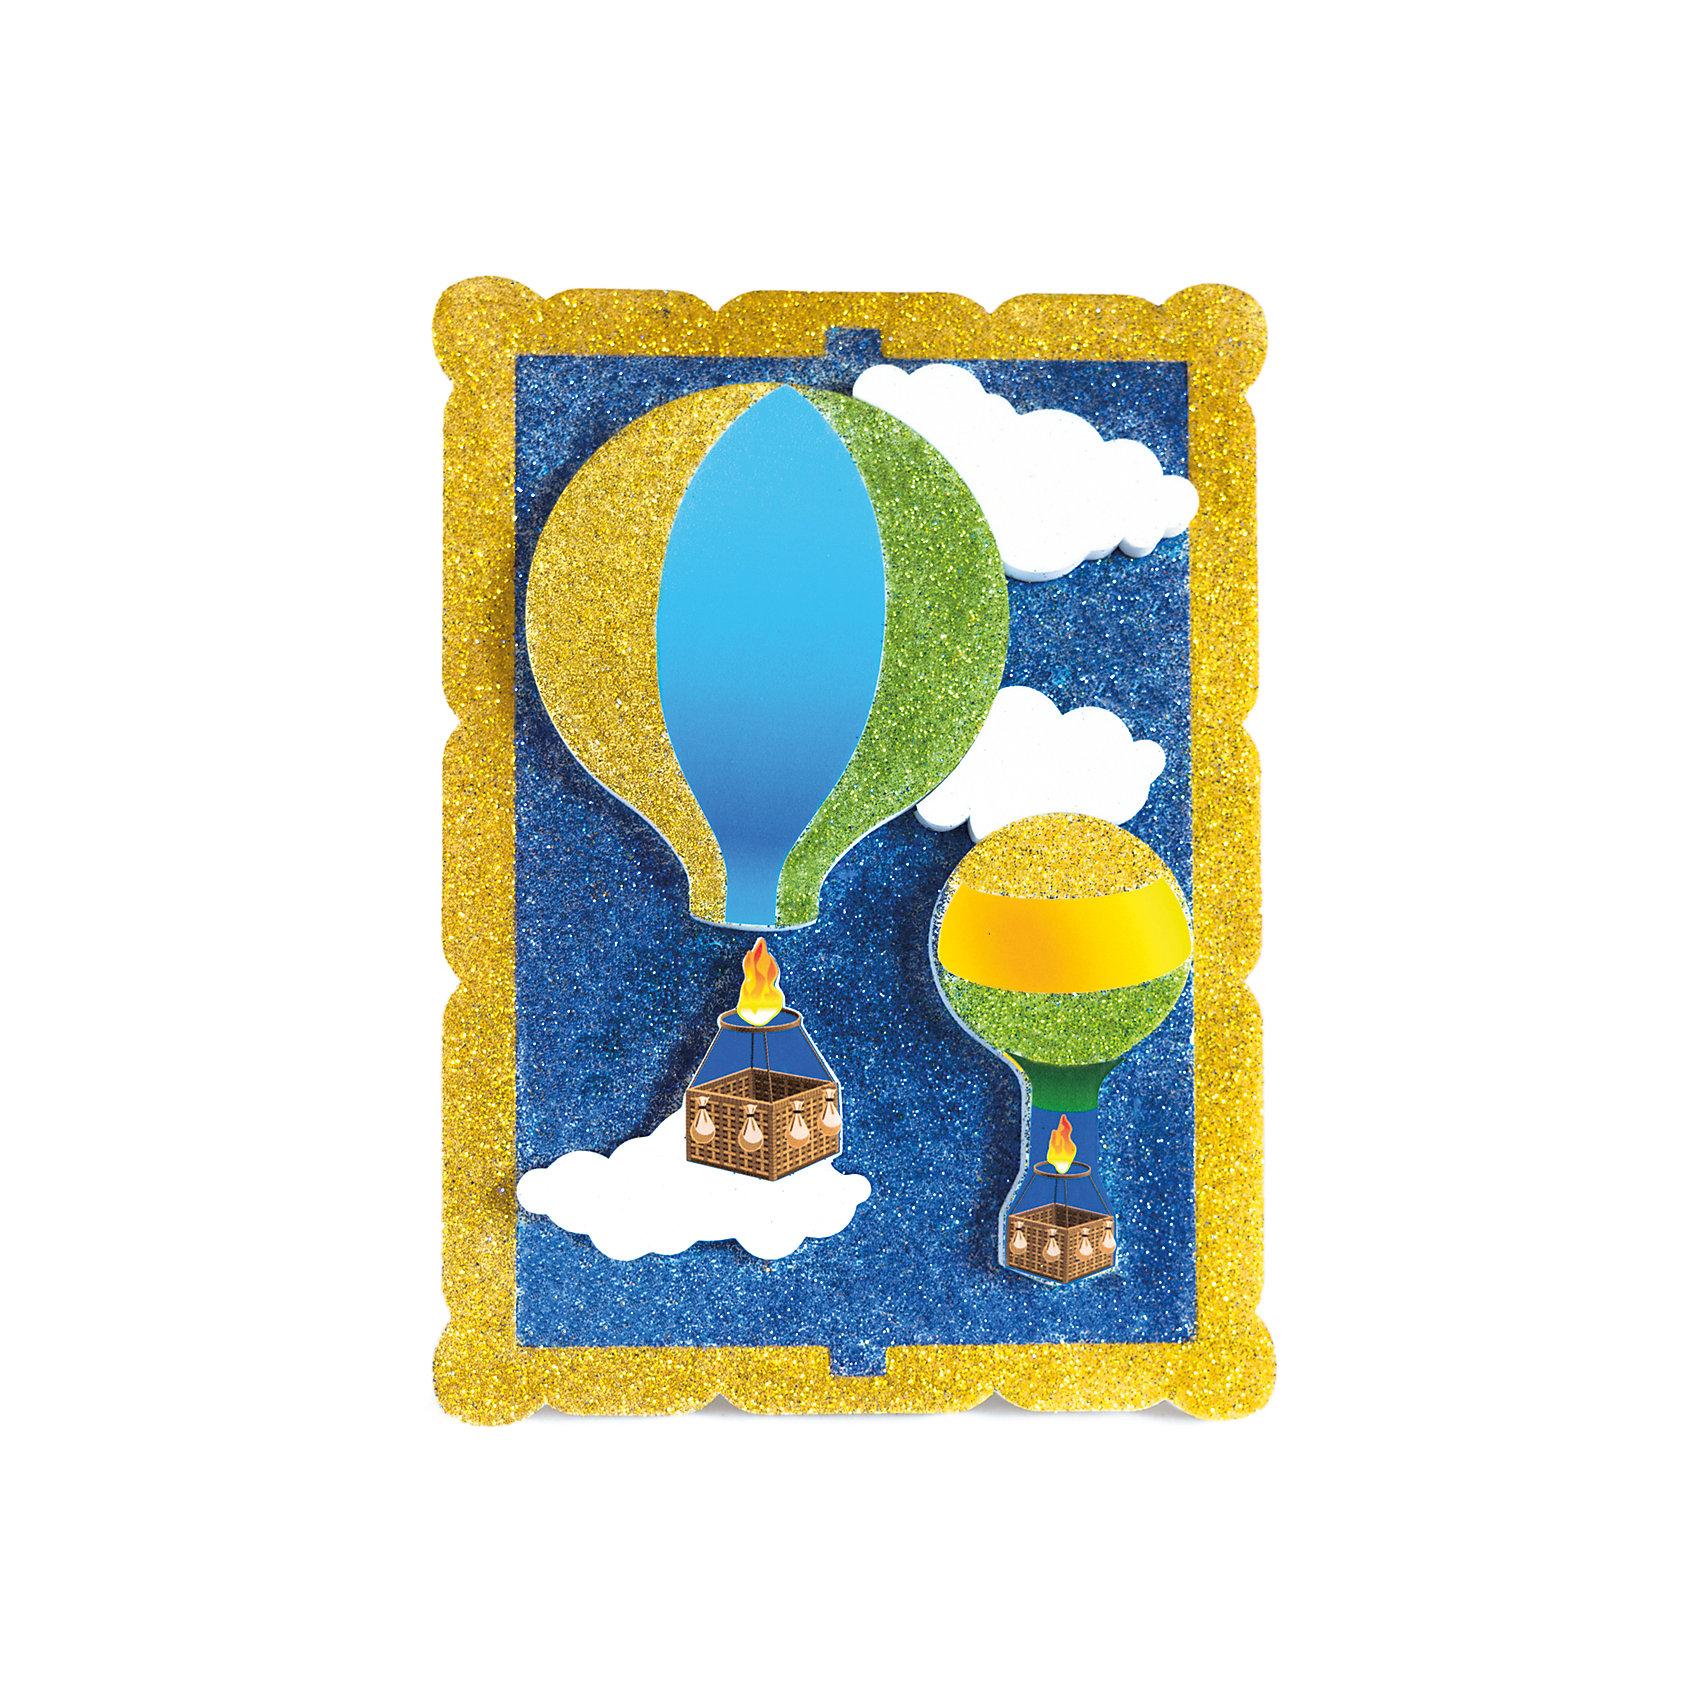 Набор для творчества Воздушные шары PicnMixРукоделие<br>Набор для творчества Воздушные шары -это объёмная красочная картина-аппликация, которая помогает тренировать зрительную память координацию движений и способствует развитию мелкой мотрики рук.<br><br>Ширина мм: 21<br>Глубина мм: 16<br>Высота мм: 5<br>Вес г: 140<br>Возраст от месяцев: 36<br>Возраст до месяцев: 120<br>Пол: Унисекс<br>Возраст: Детский<br>SKU: 5007387